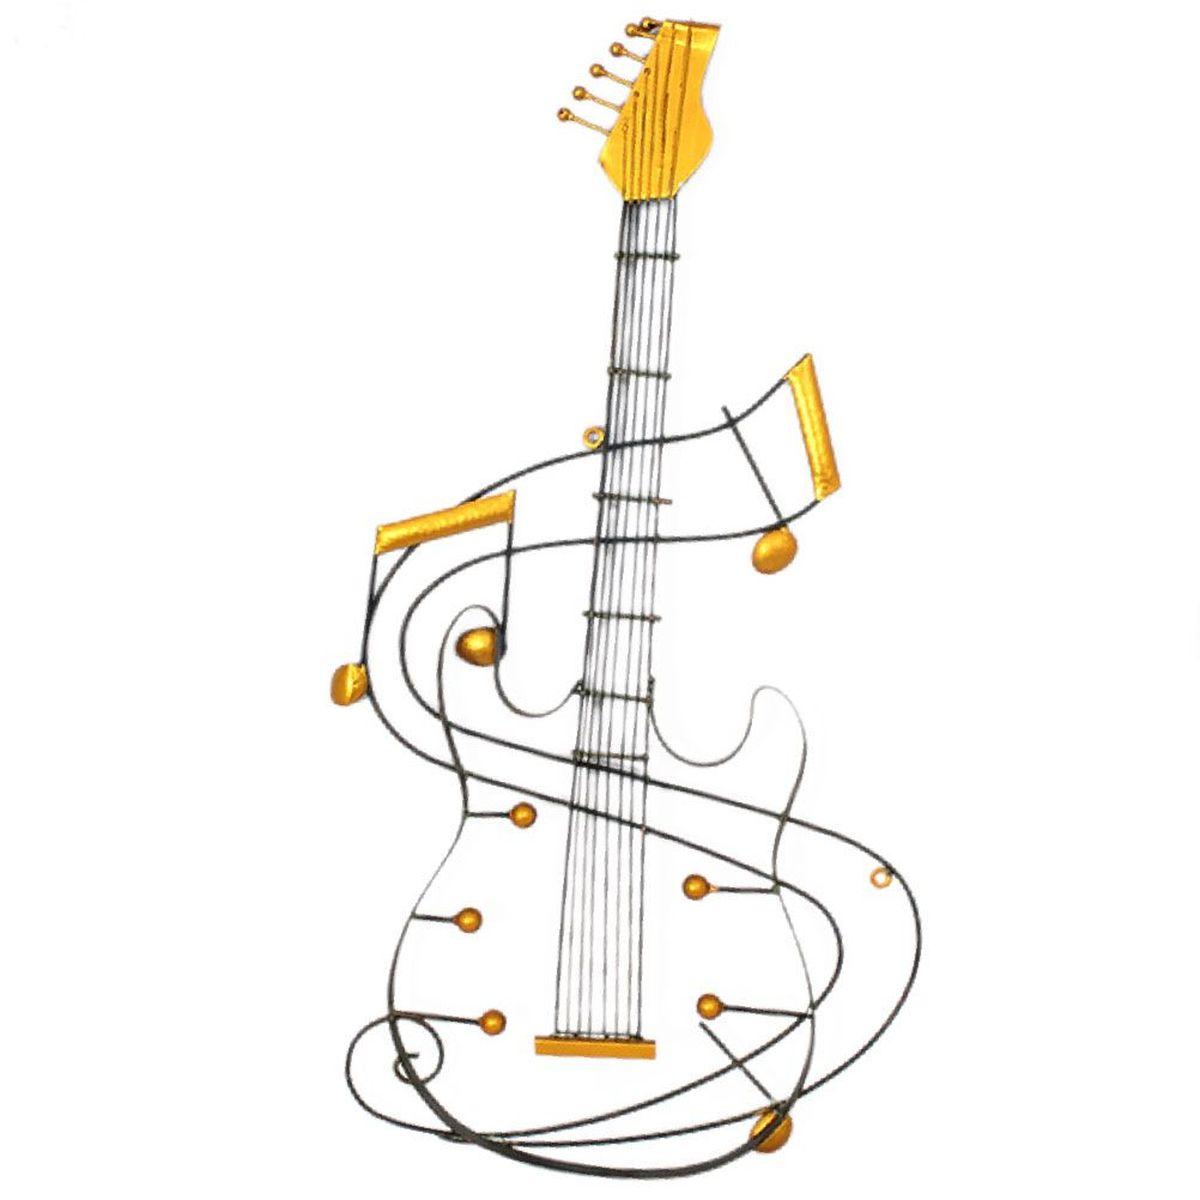 D coration murale guitare lectrique 89 cm for Decoration murale guitare